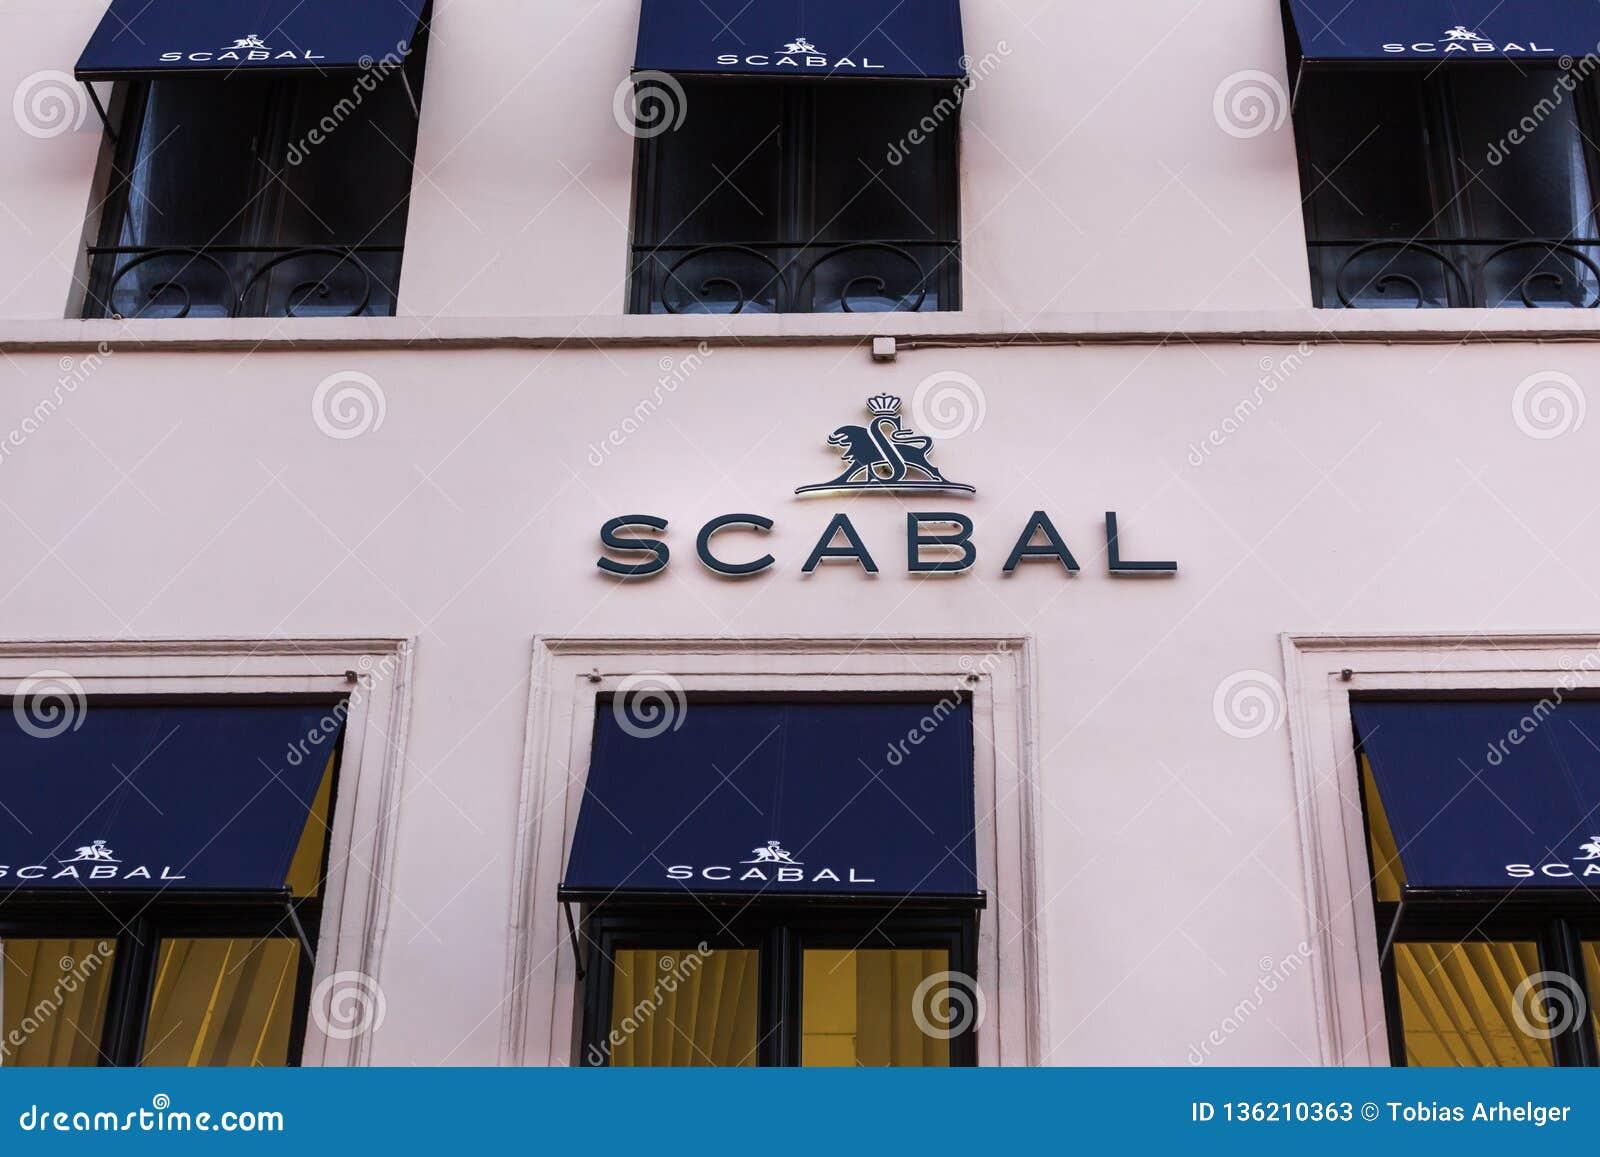 Bryssel brussels/Belgien - 13 12 18: det scabal lagret undertecknar in brussels Belgien